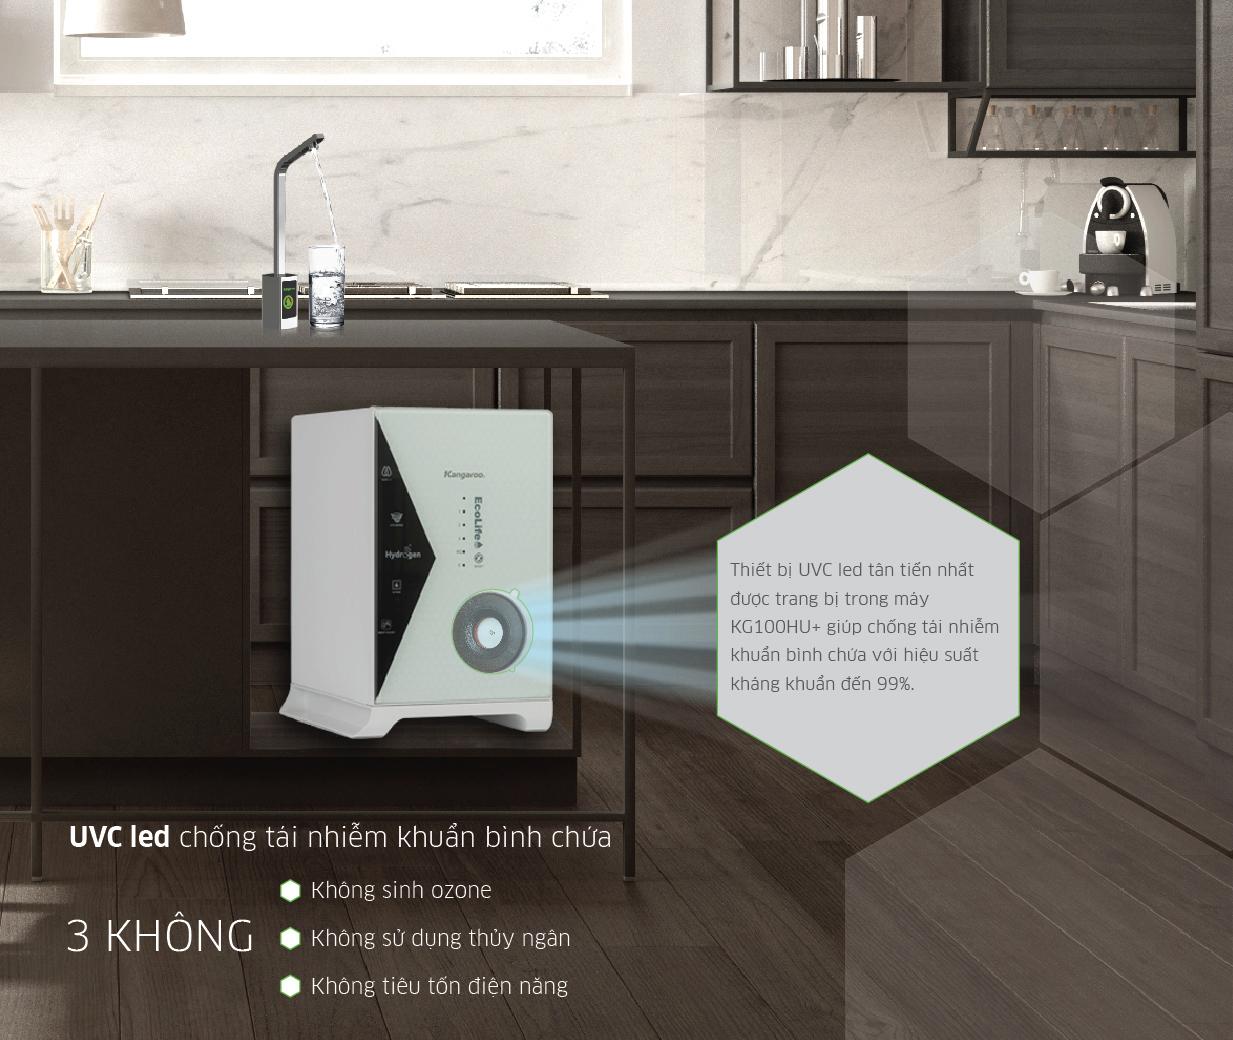 Hệ thống UVC LED chống tái nhiễm khuẩn bình chứa Kangaroo KG100HU